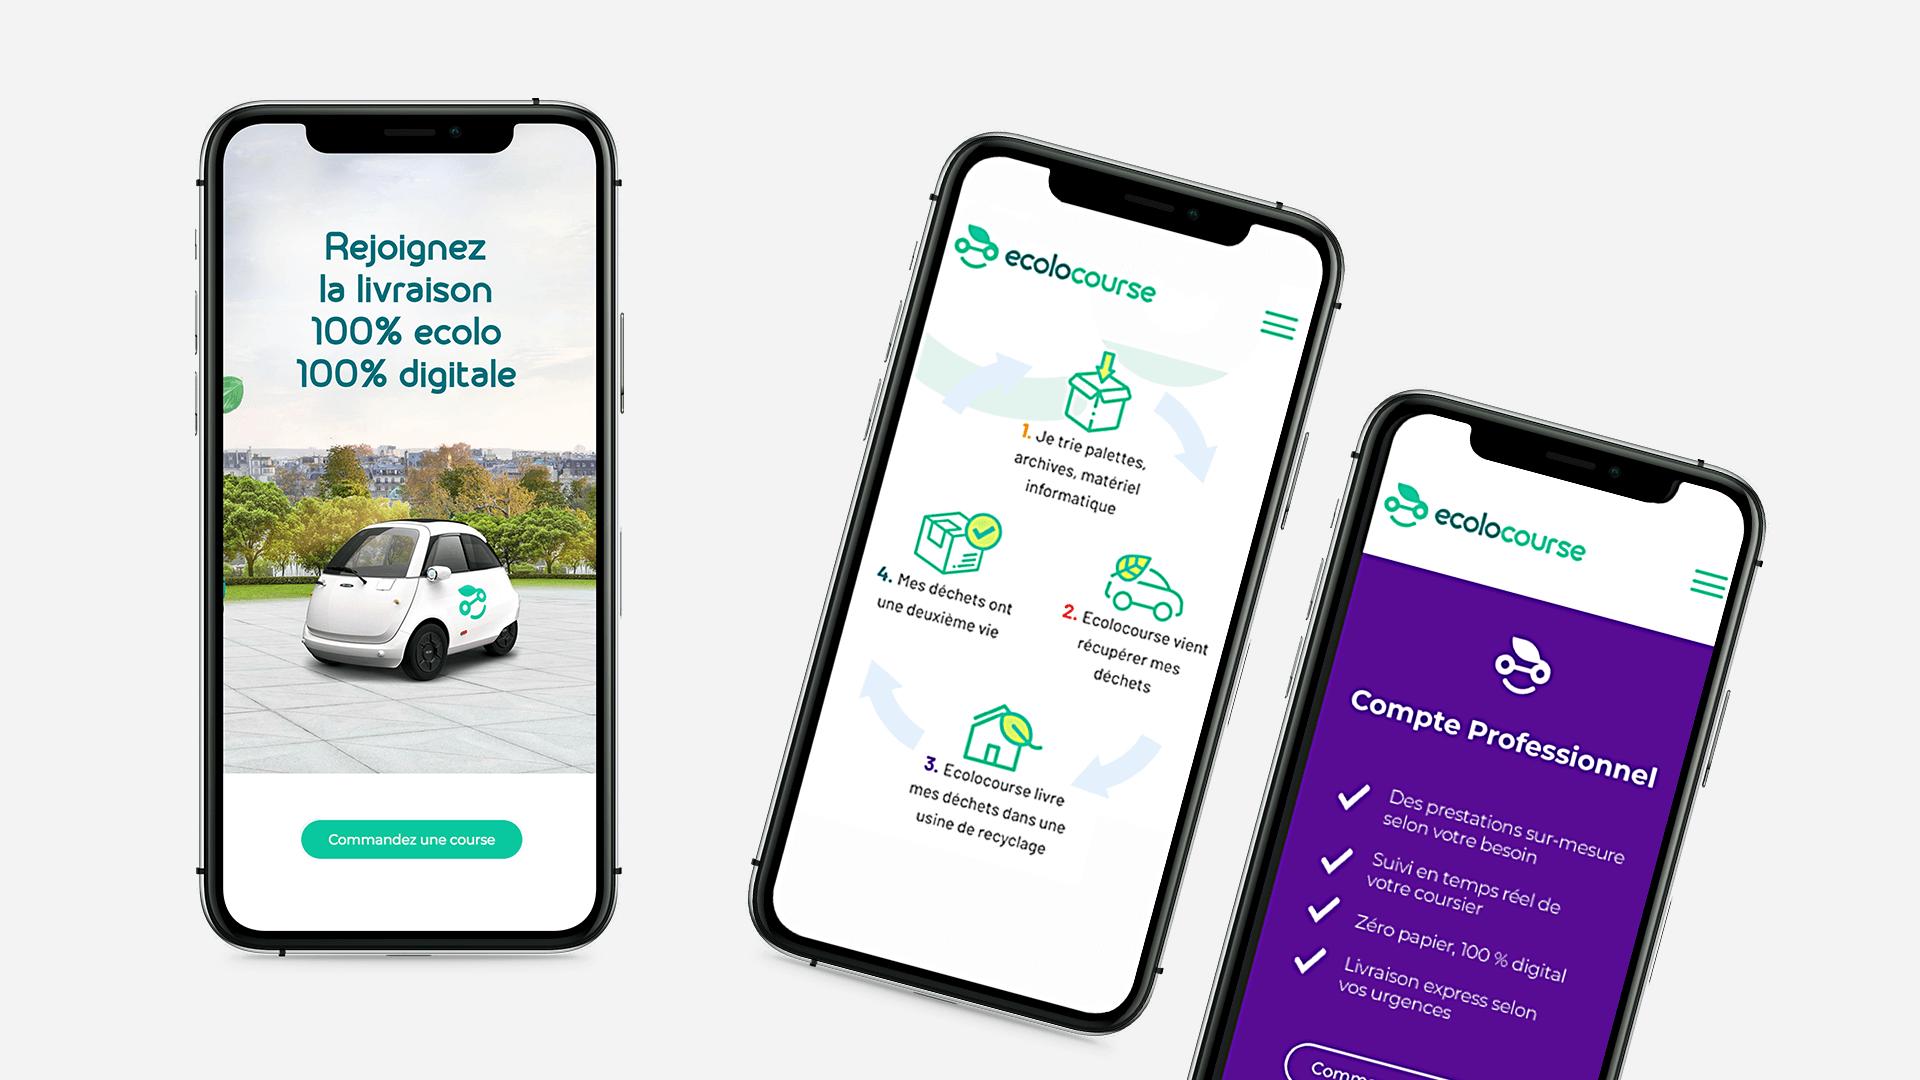 pages sur mobile du site Ecolocourse